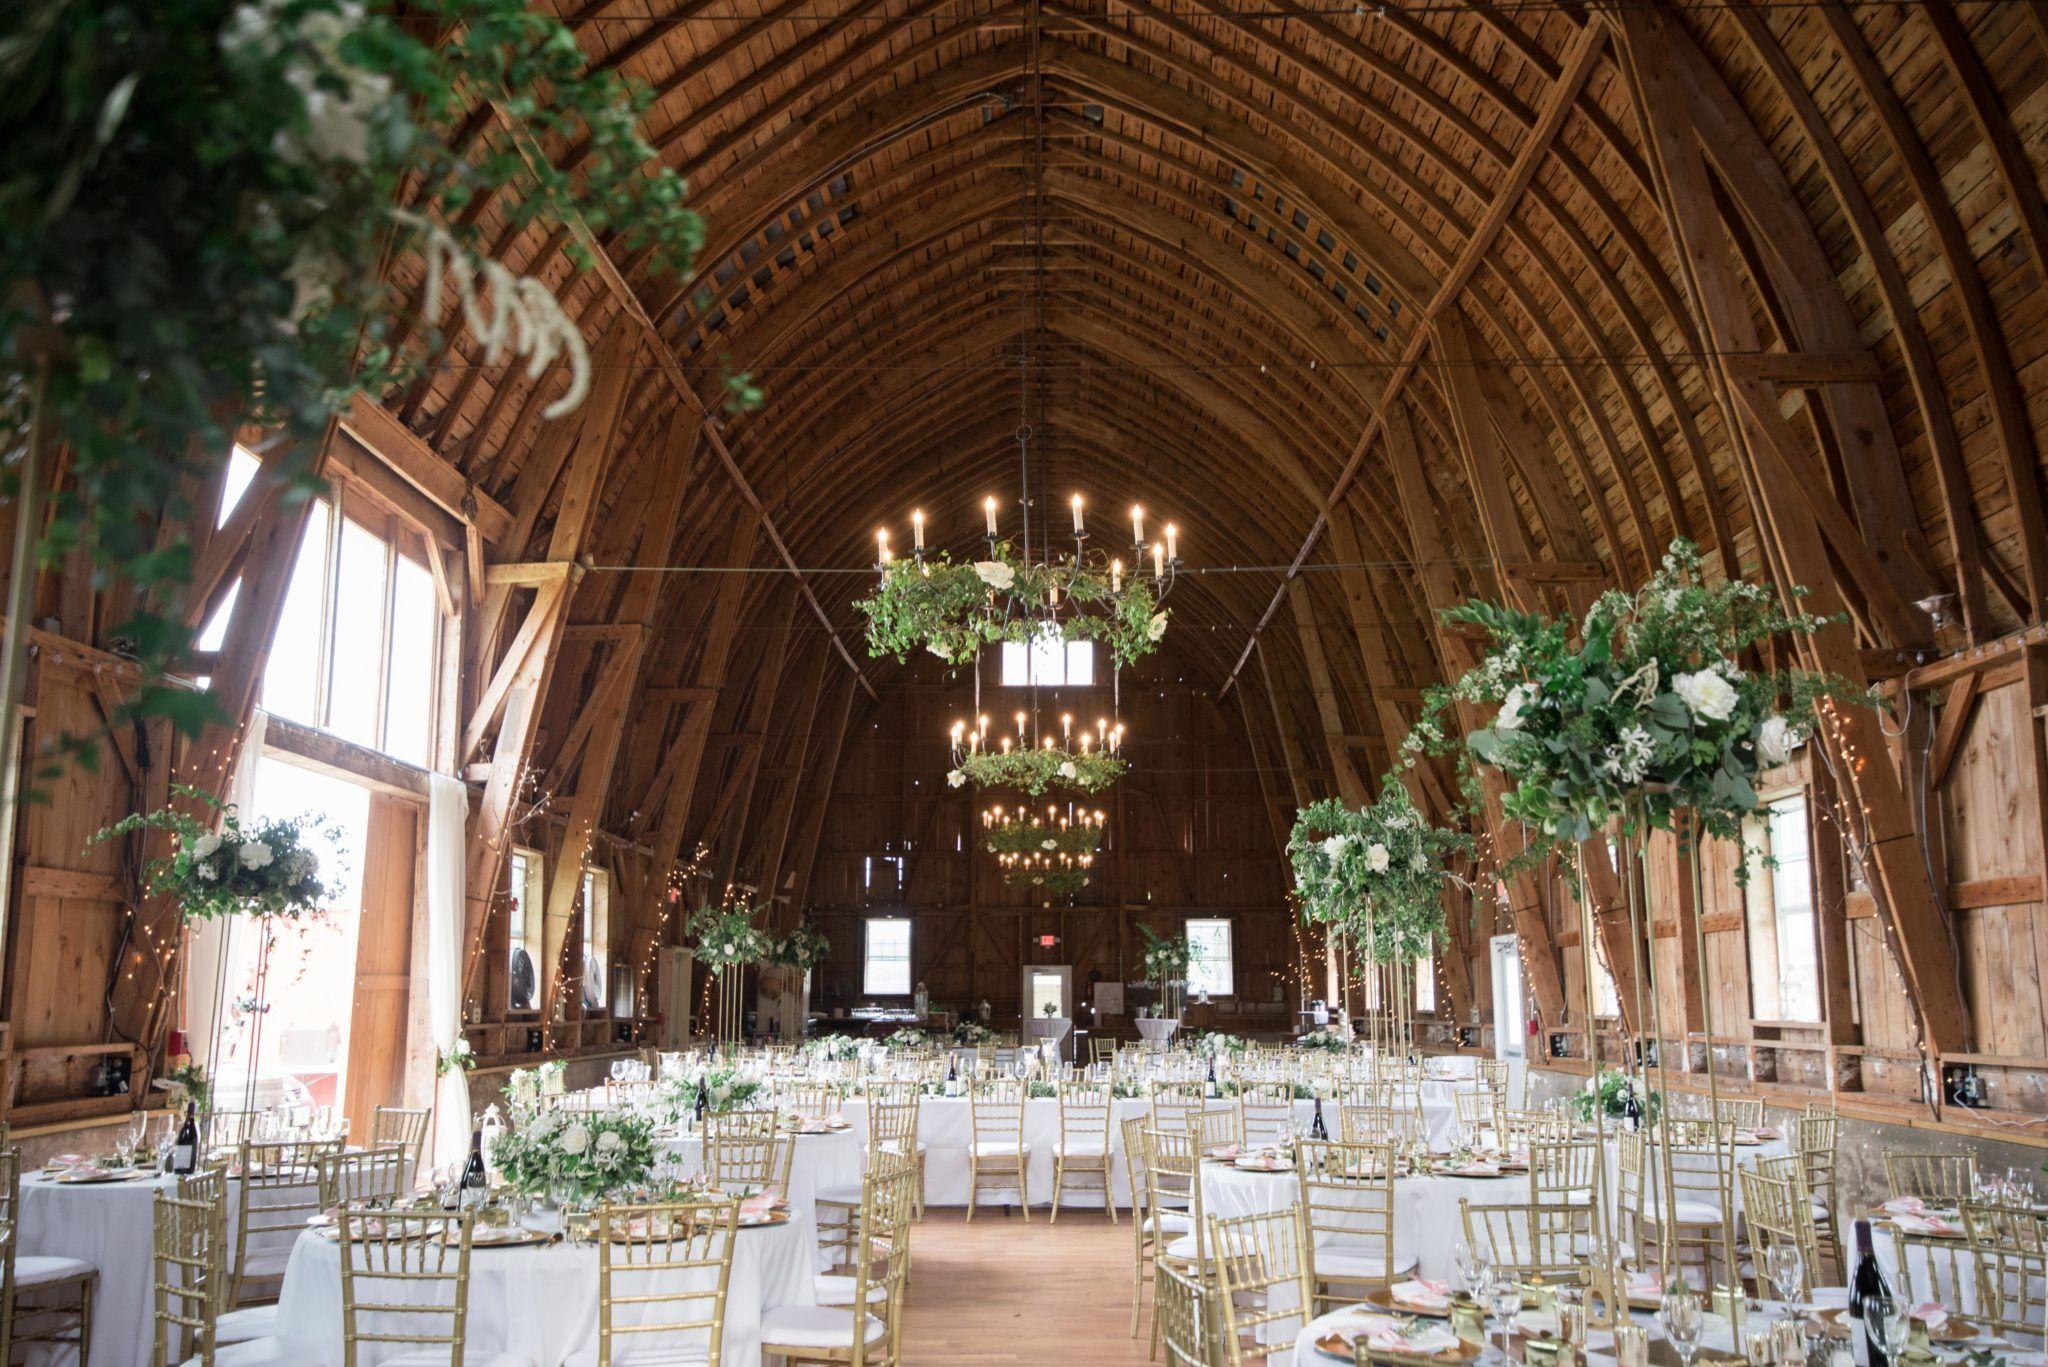 Gallery Sugarland Barn Weddings Arena, WI Photos